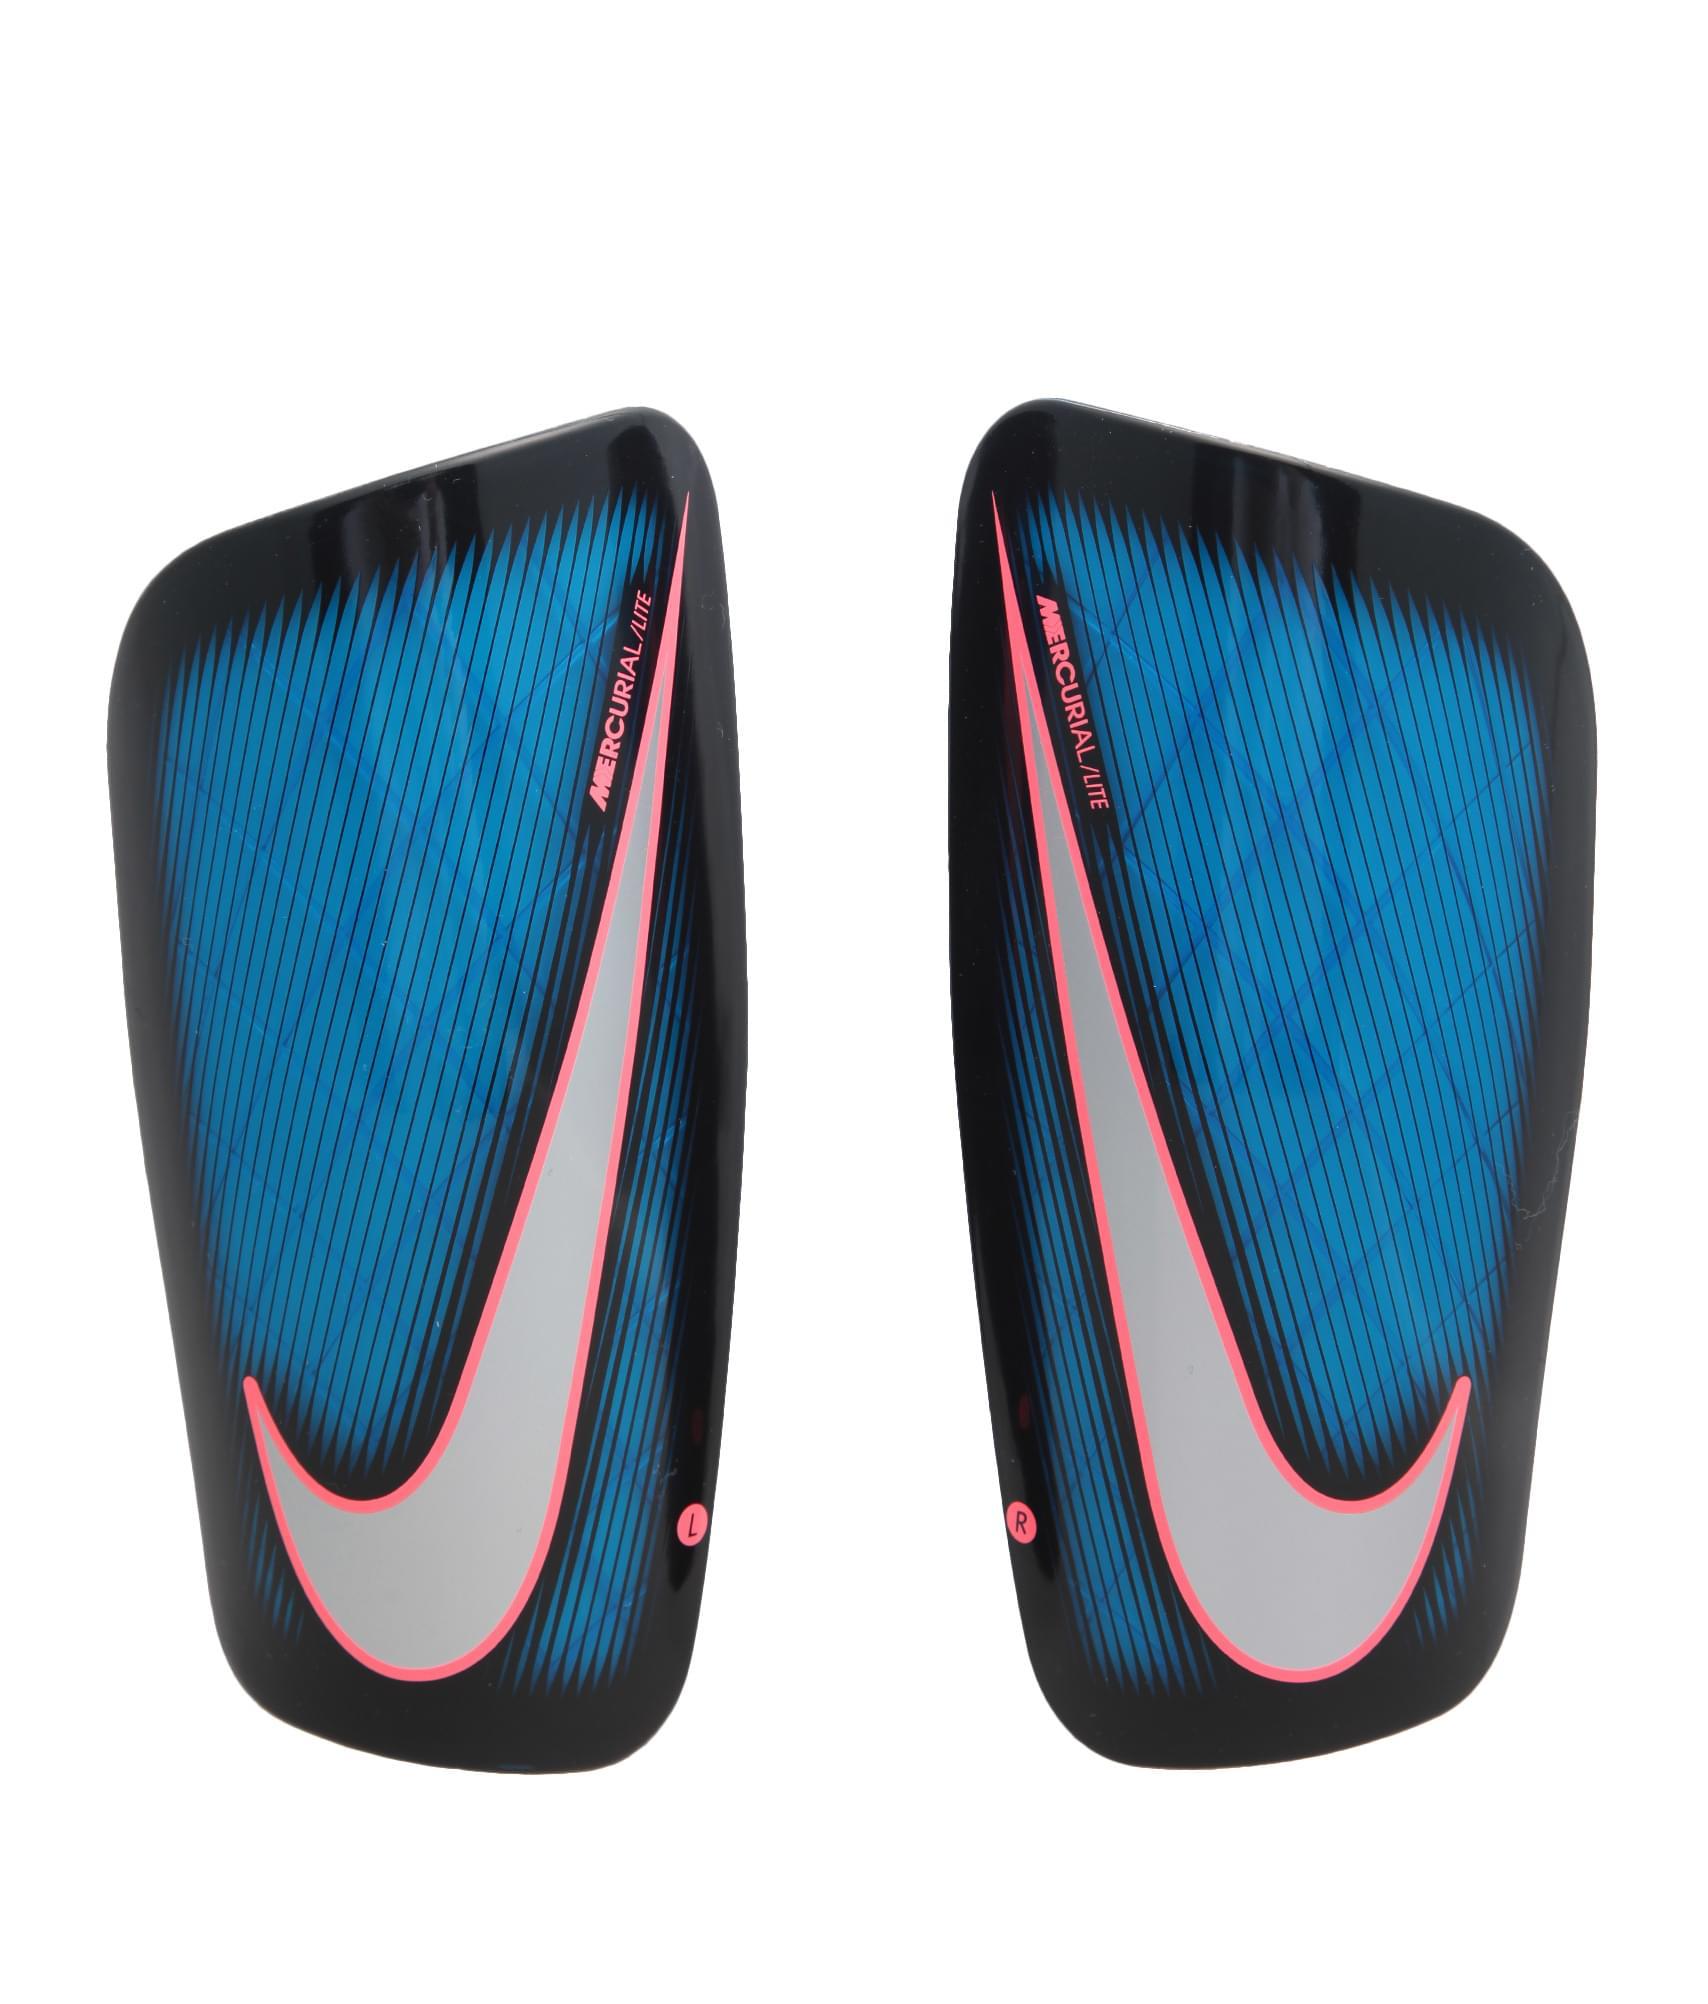 щитки nike цвет лазурный размер m Щитки Nike, Цвет-Лазурный, Размер-M